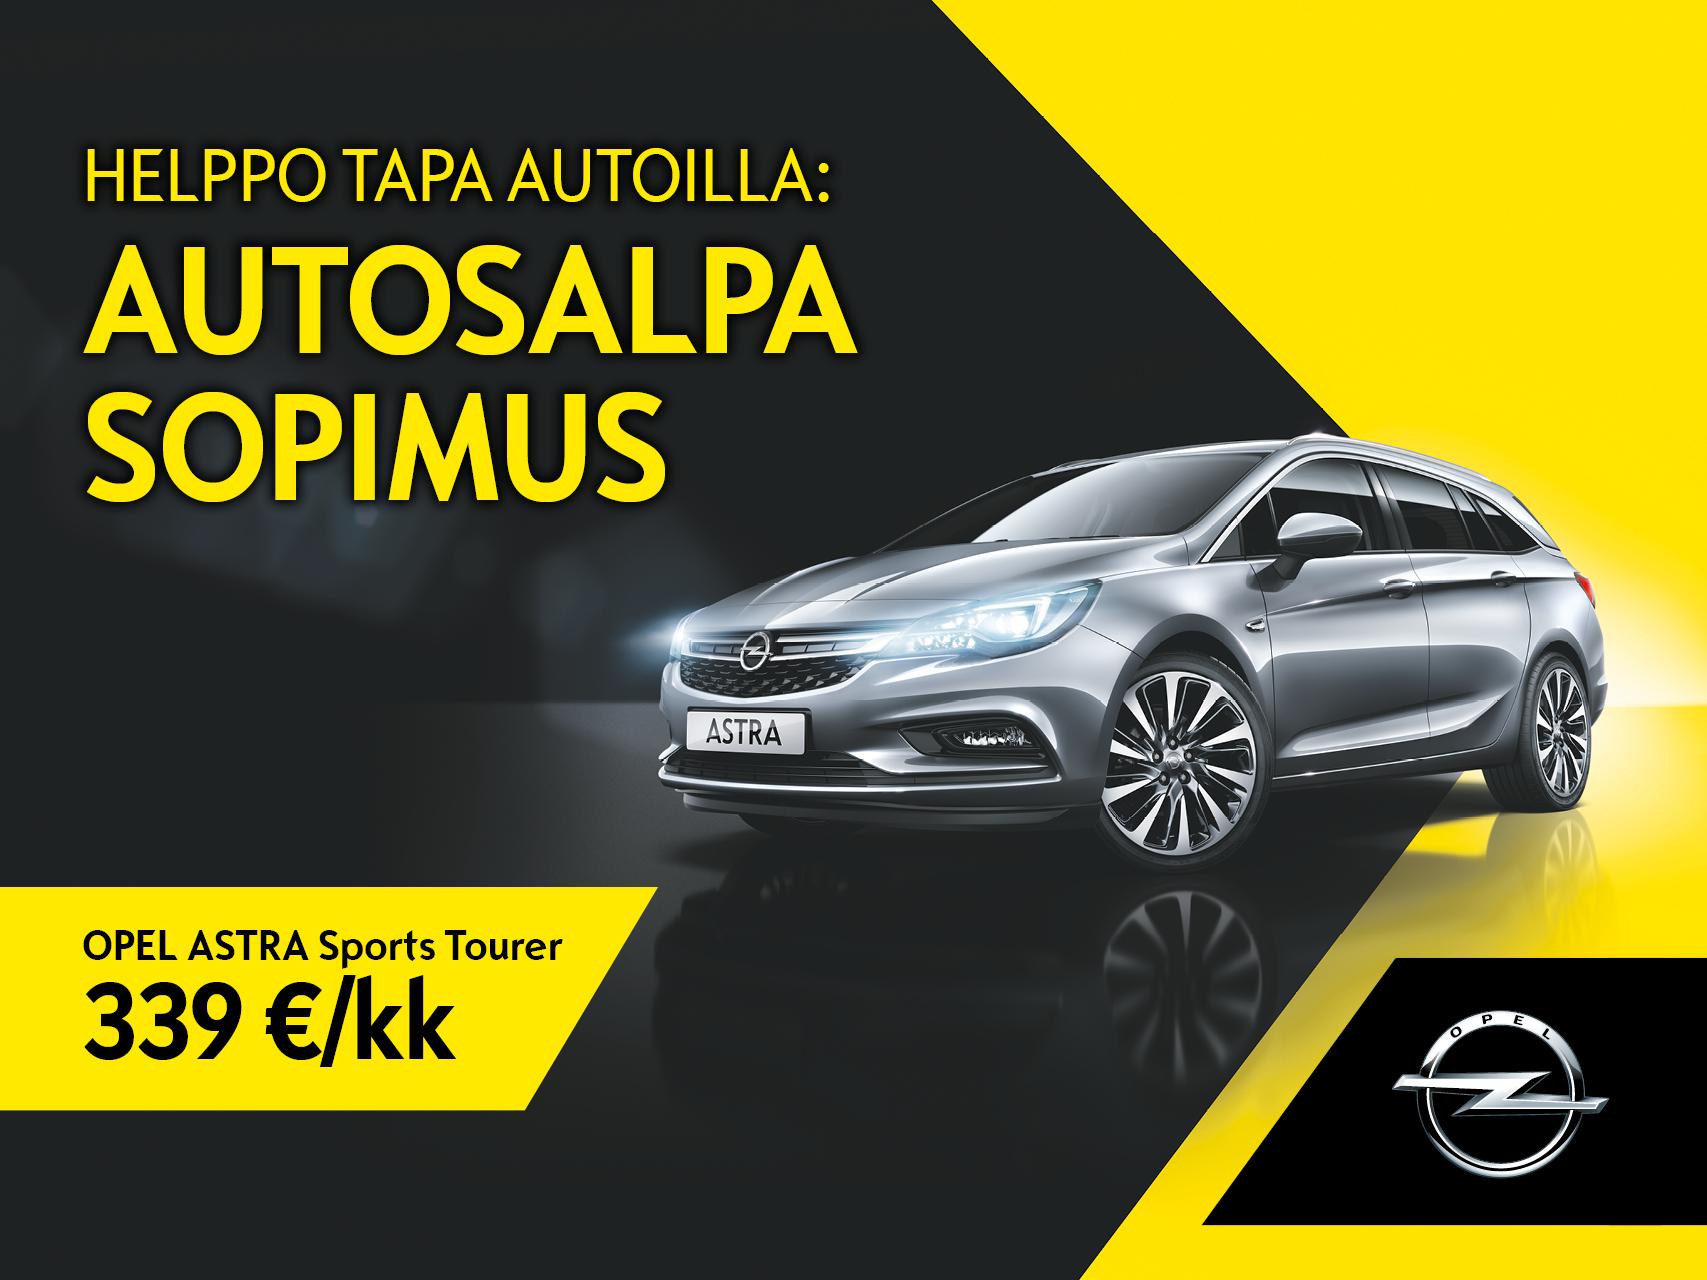 Helppo tapa autoilla. Opel Astra Autosalpa Sopimuksella